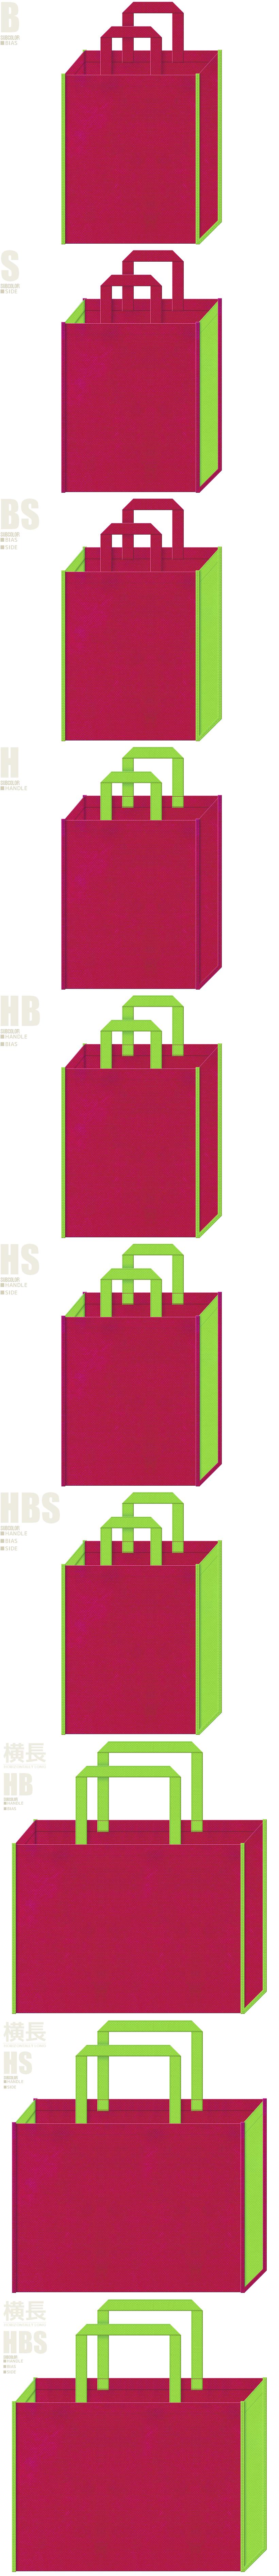 スポーティーファッションにお奨めの、濃いピンク色と黄緑色、7パターンの不織布トートバッグ配色デザイン例。ドラゴンフルーツ風。